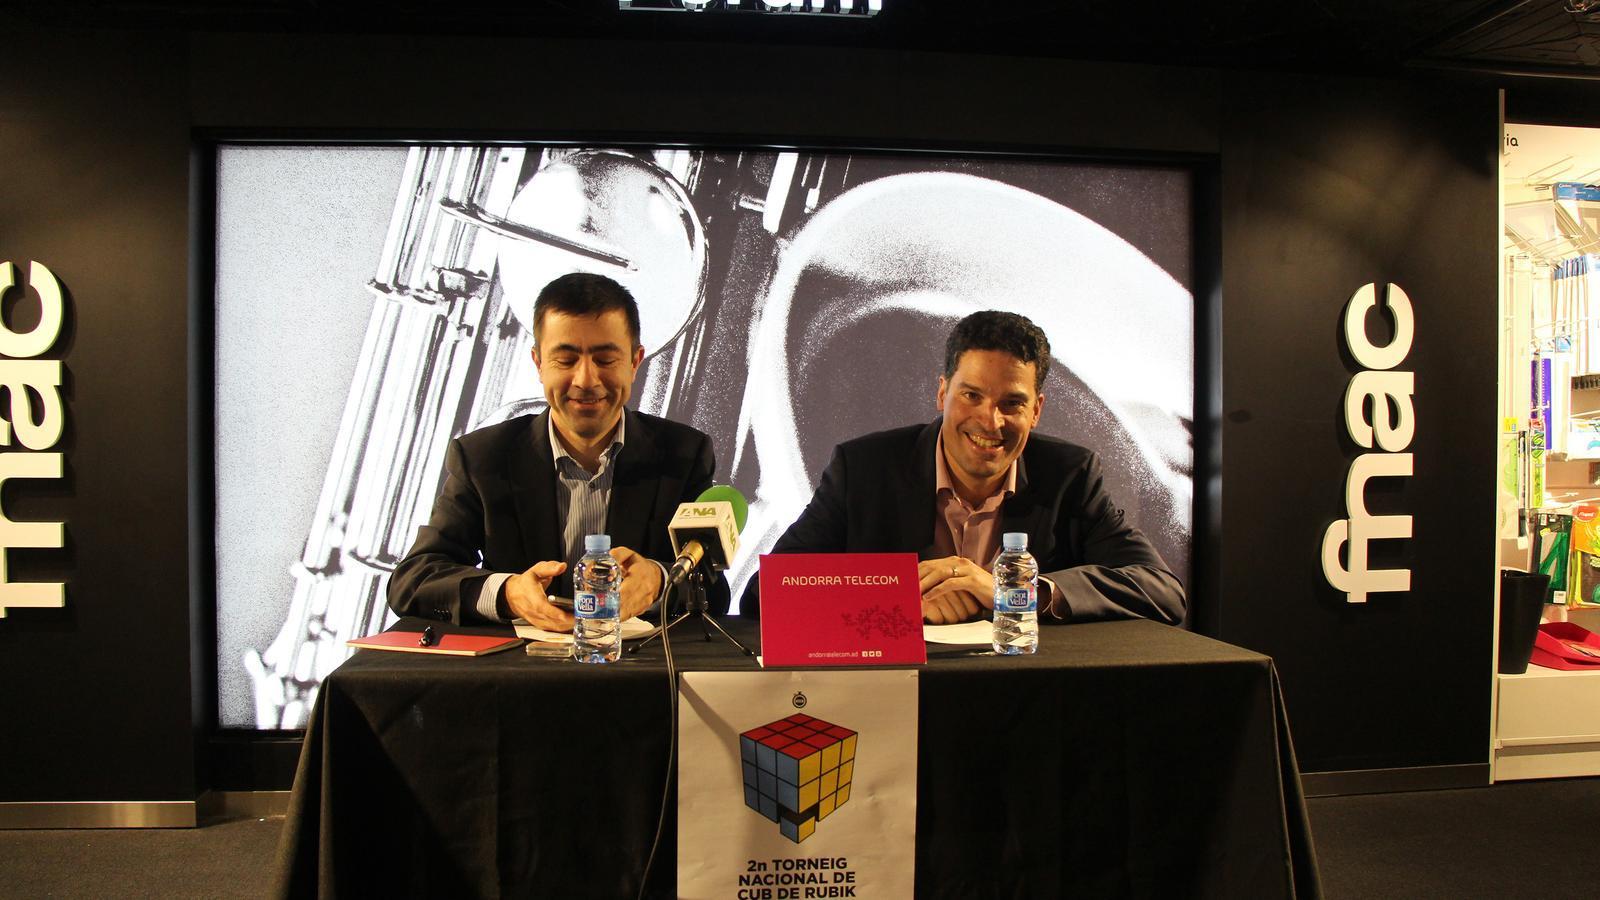 El director de Màrqueting de Pyrénées, Joaquim Serrahima, i el director de Relació amb el Client d'Andorra Telecom, Josep Vilana, van presentar el torneig al octubre. / M. F. (ANA)